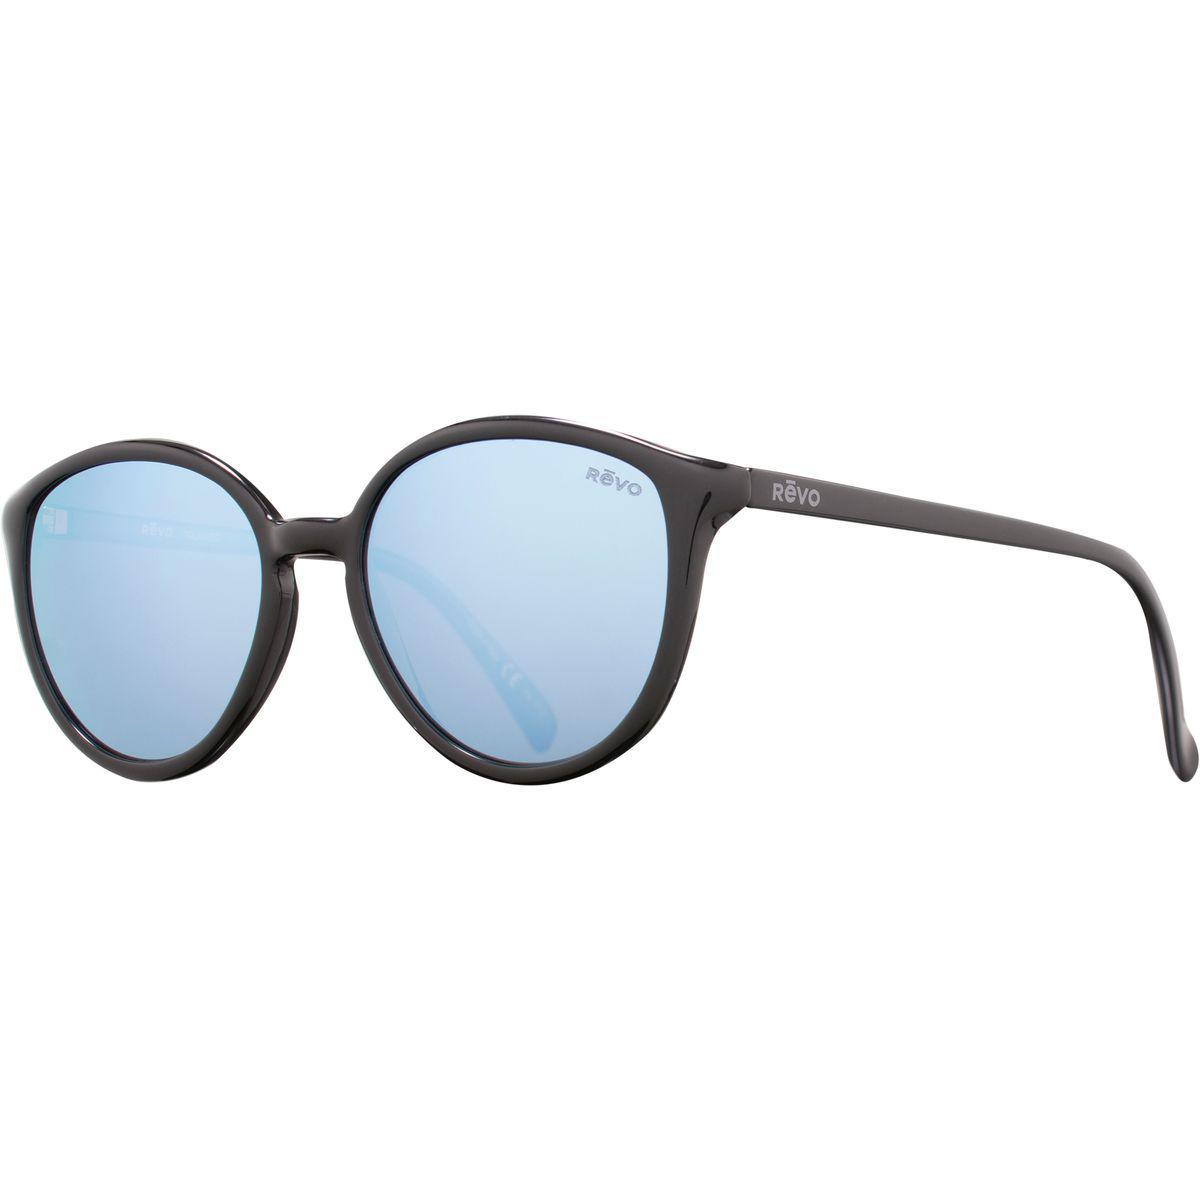 e81c3f32e6 Lyst - Revo Greison Sunglasses - Polarized in Blue